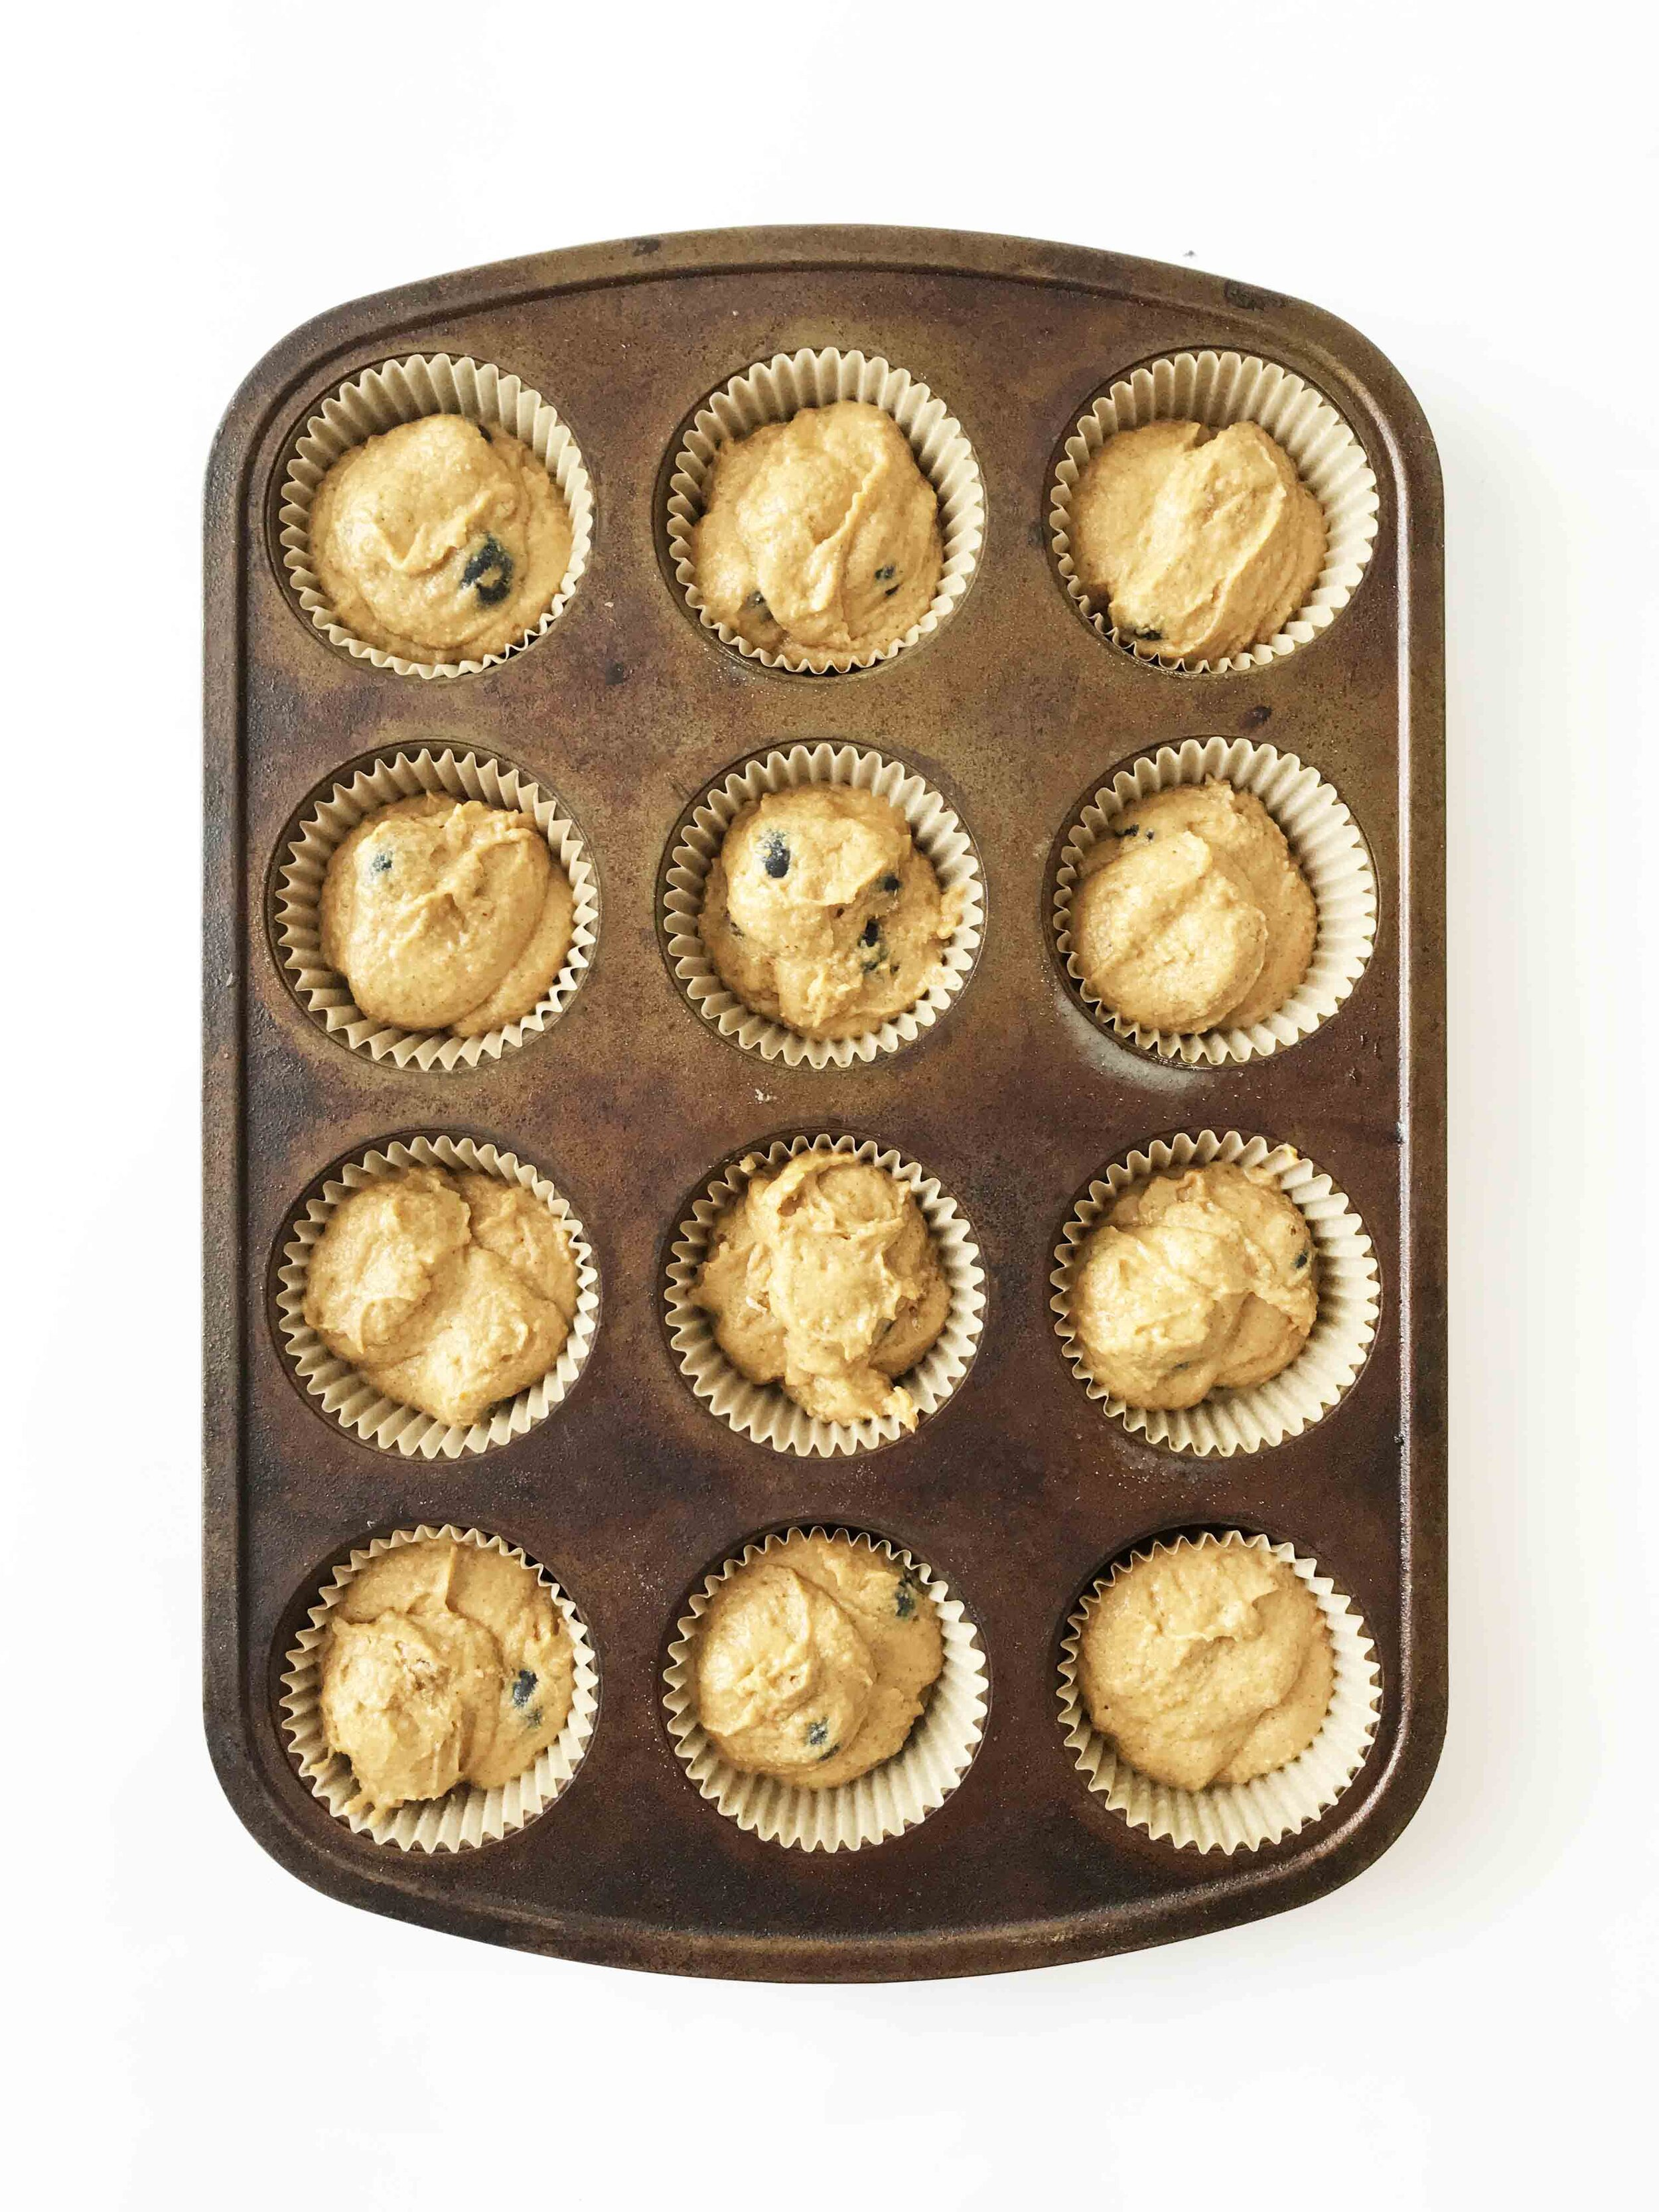 pumpkin-spice-blueberry-muffins5.jpg